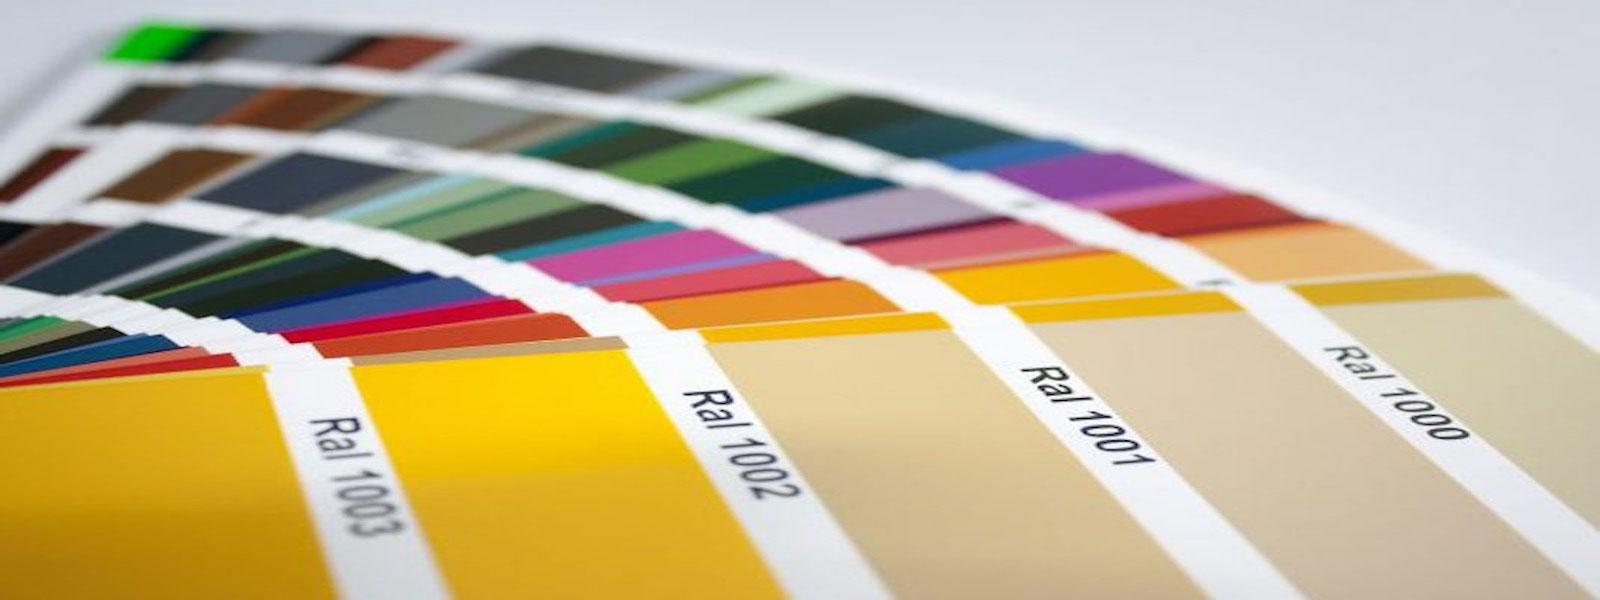 carta,colores,ral,k5,classic,gama,pintura,epoxi,poliuretano,pavimentos,suelos,industriales,color